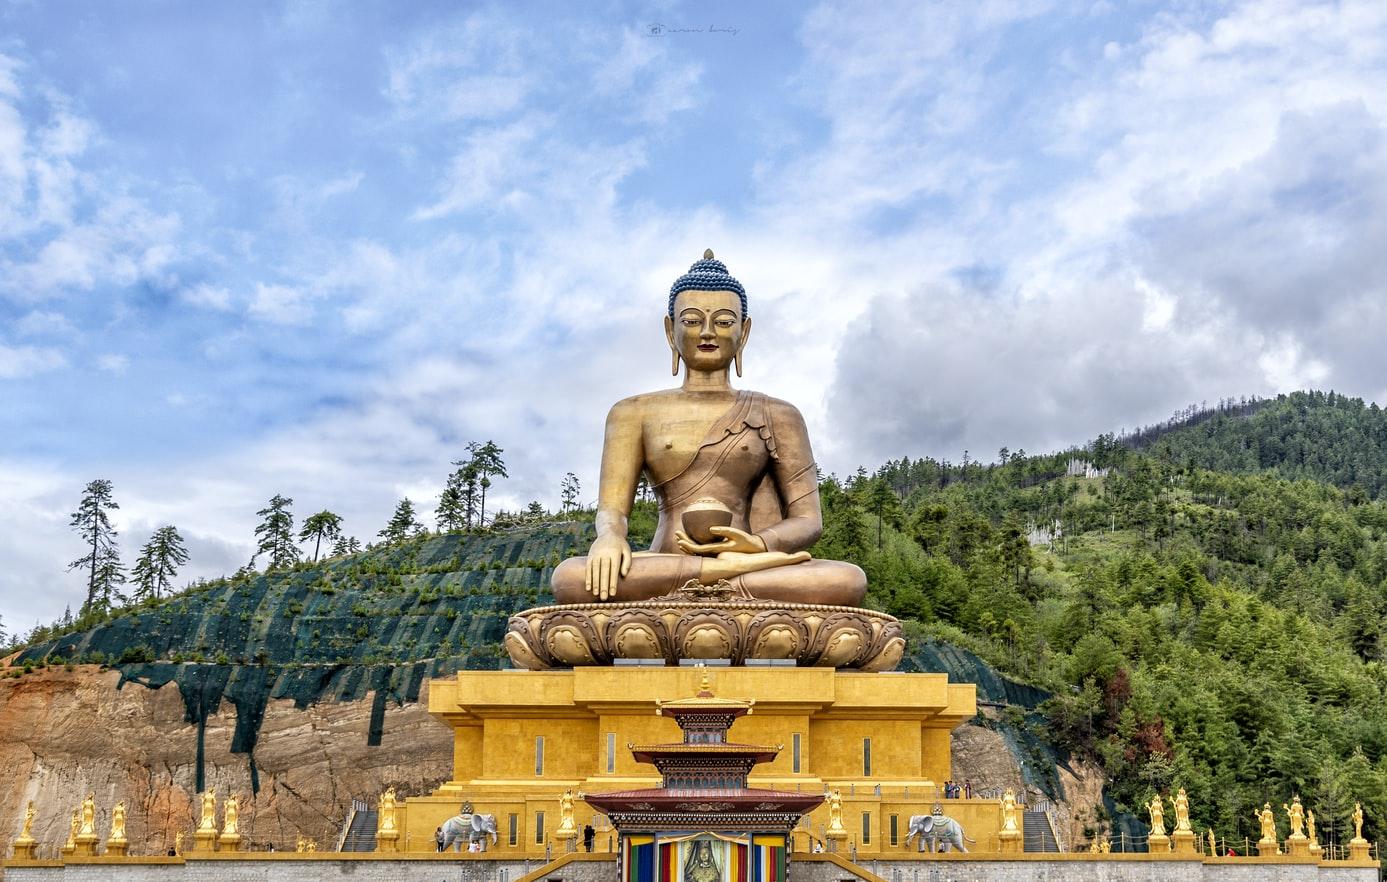 قوانین موفقیت در آیین بودا